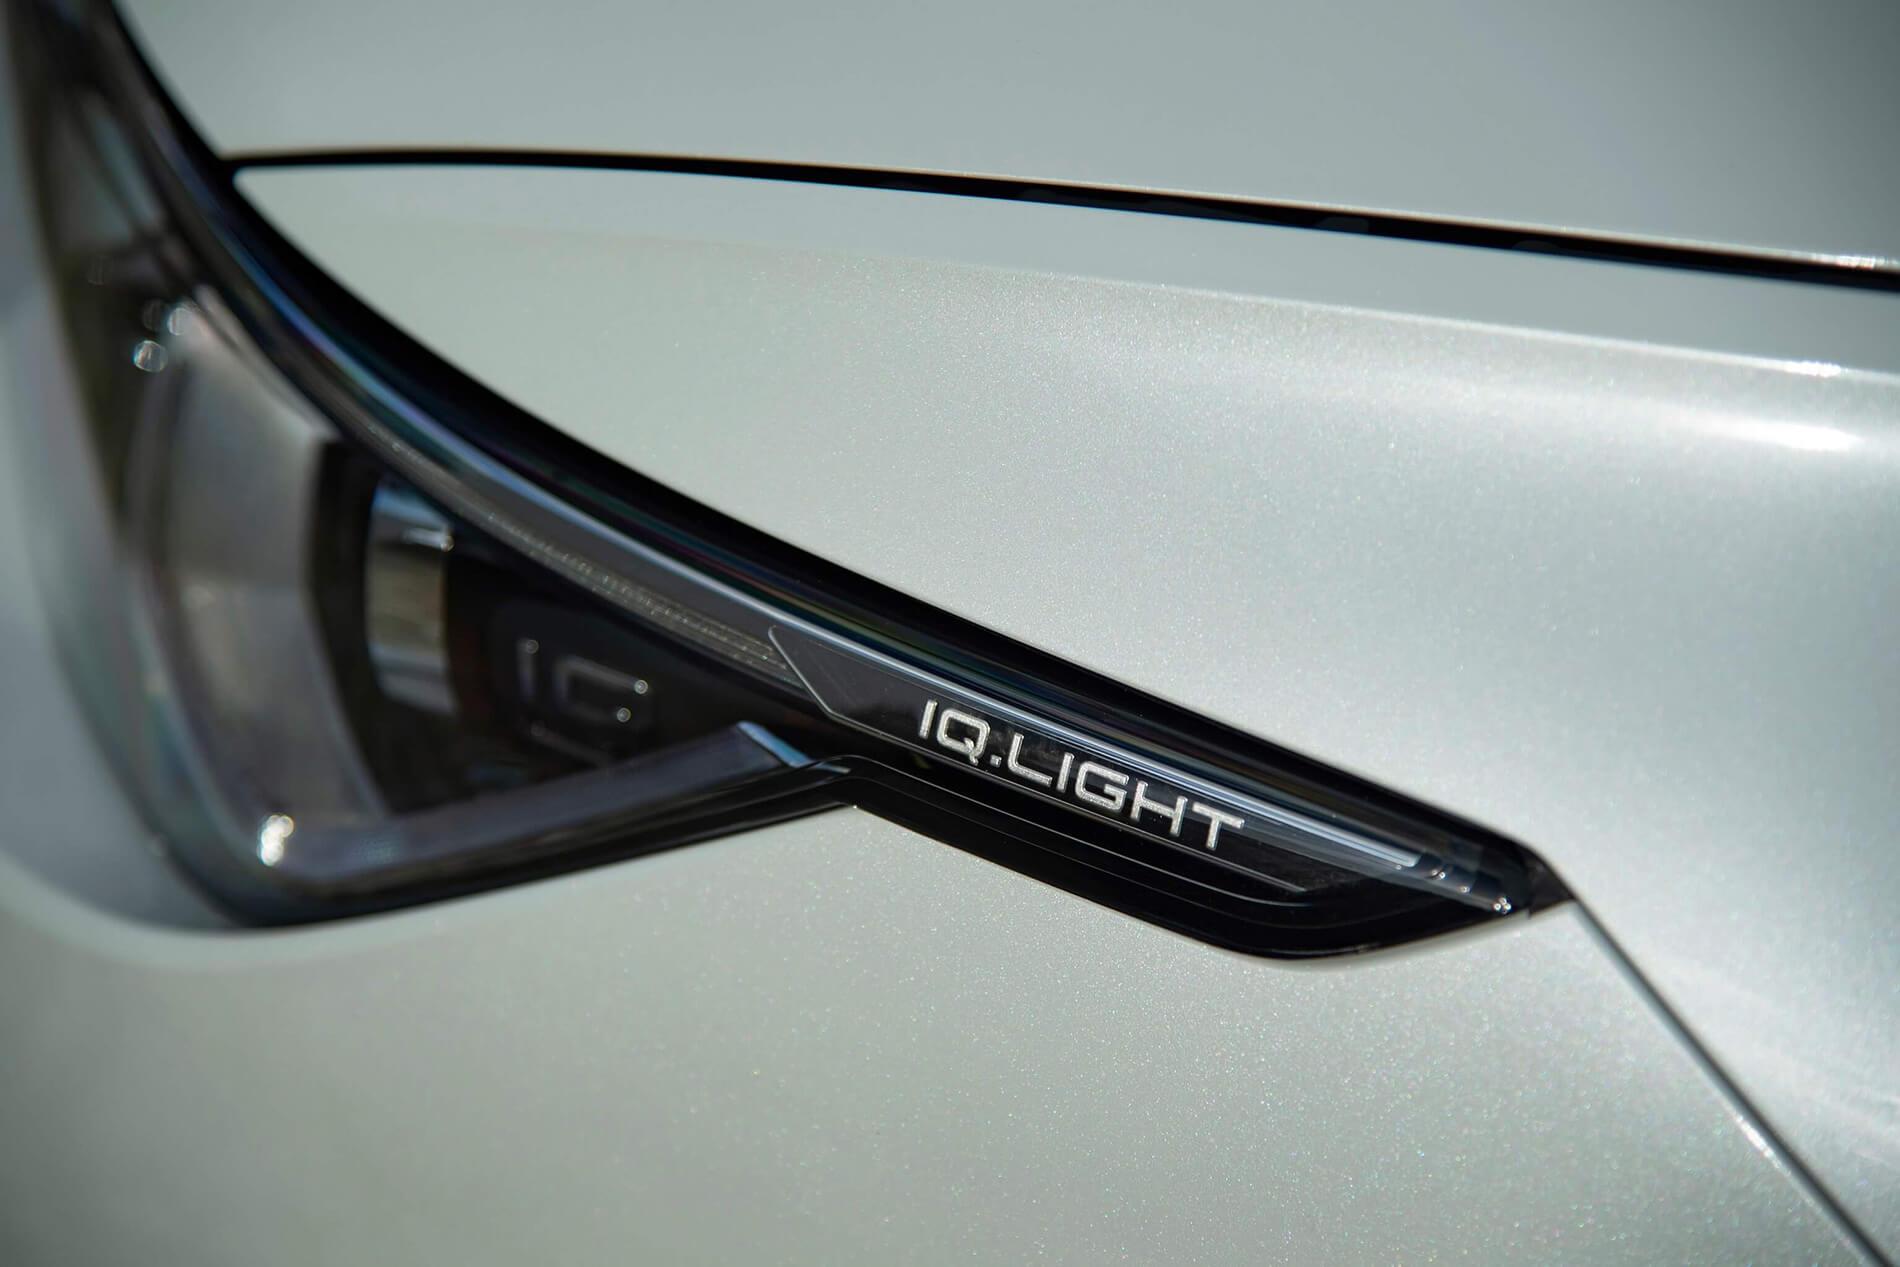 Σύστημα IQ.LIGHT με προβολείς LED matrix στο νέο Volkswagen Golf